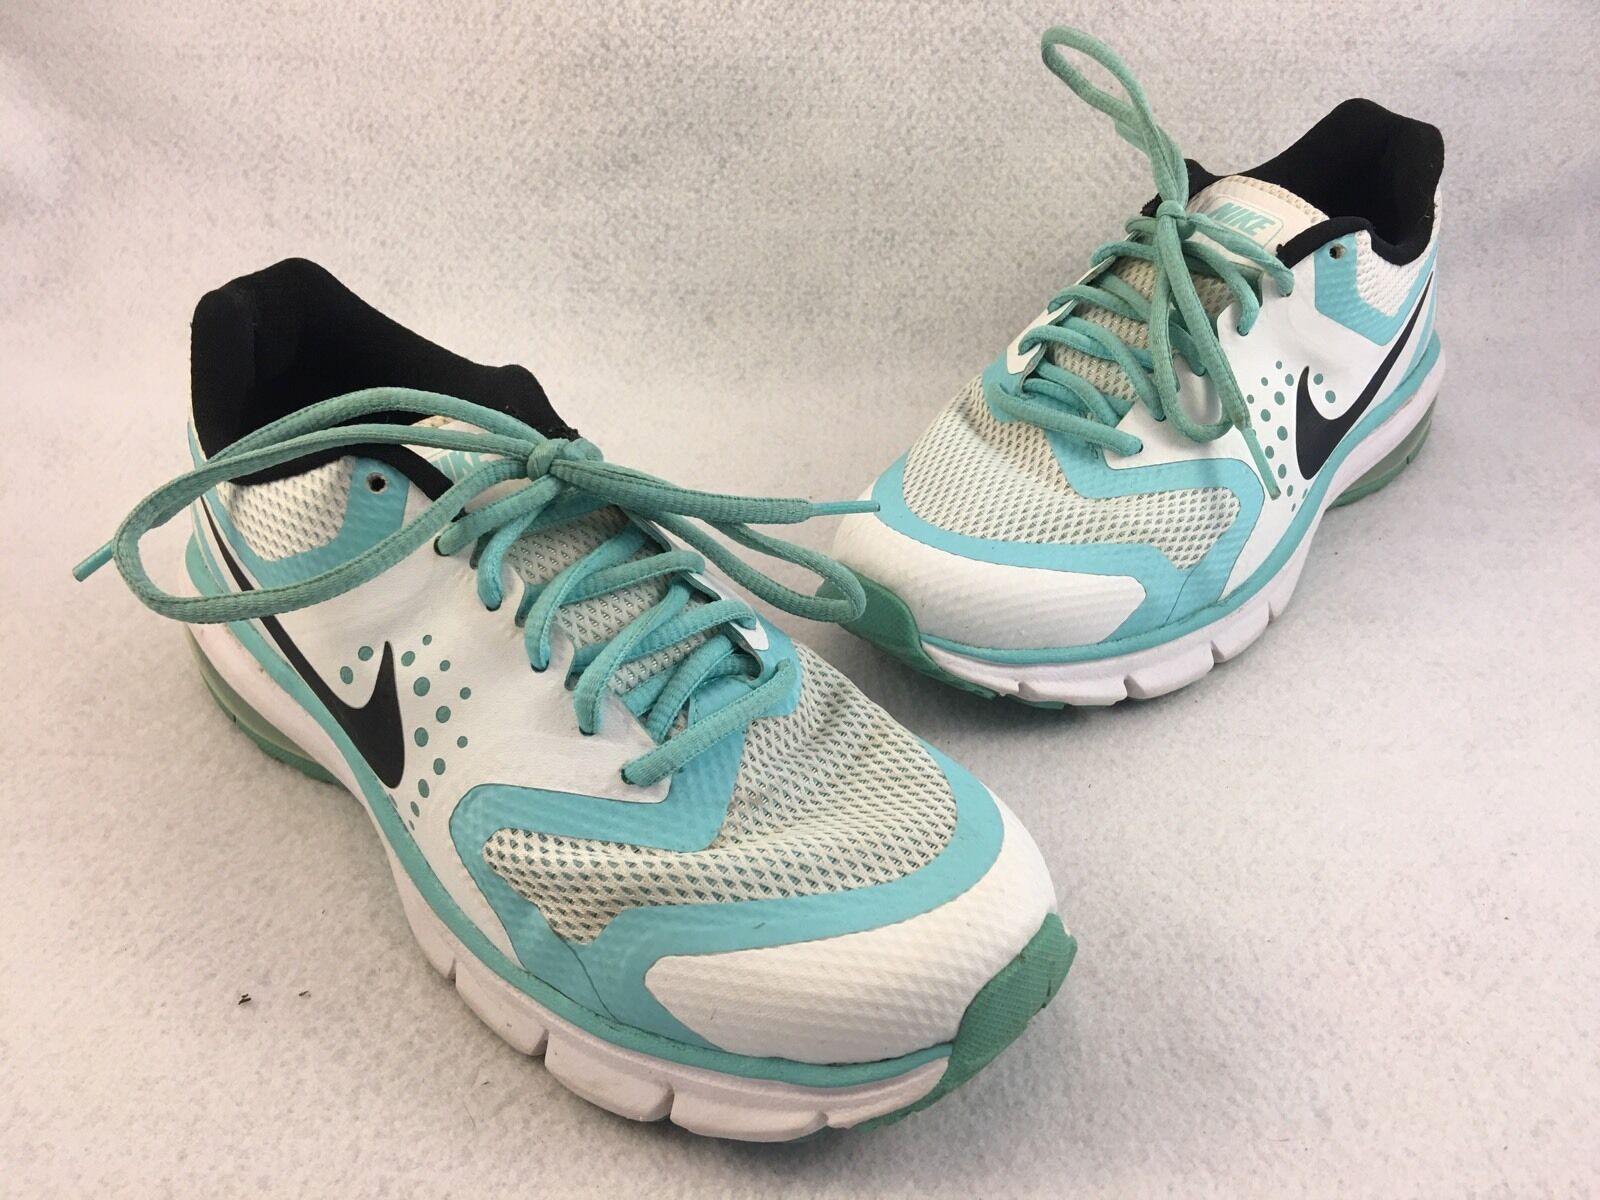 Nike Air Max Premier Run Running Shoes White Light Aqua Womens Sz 7.5 - 789574